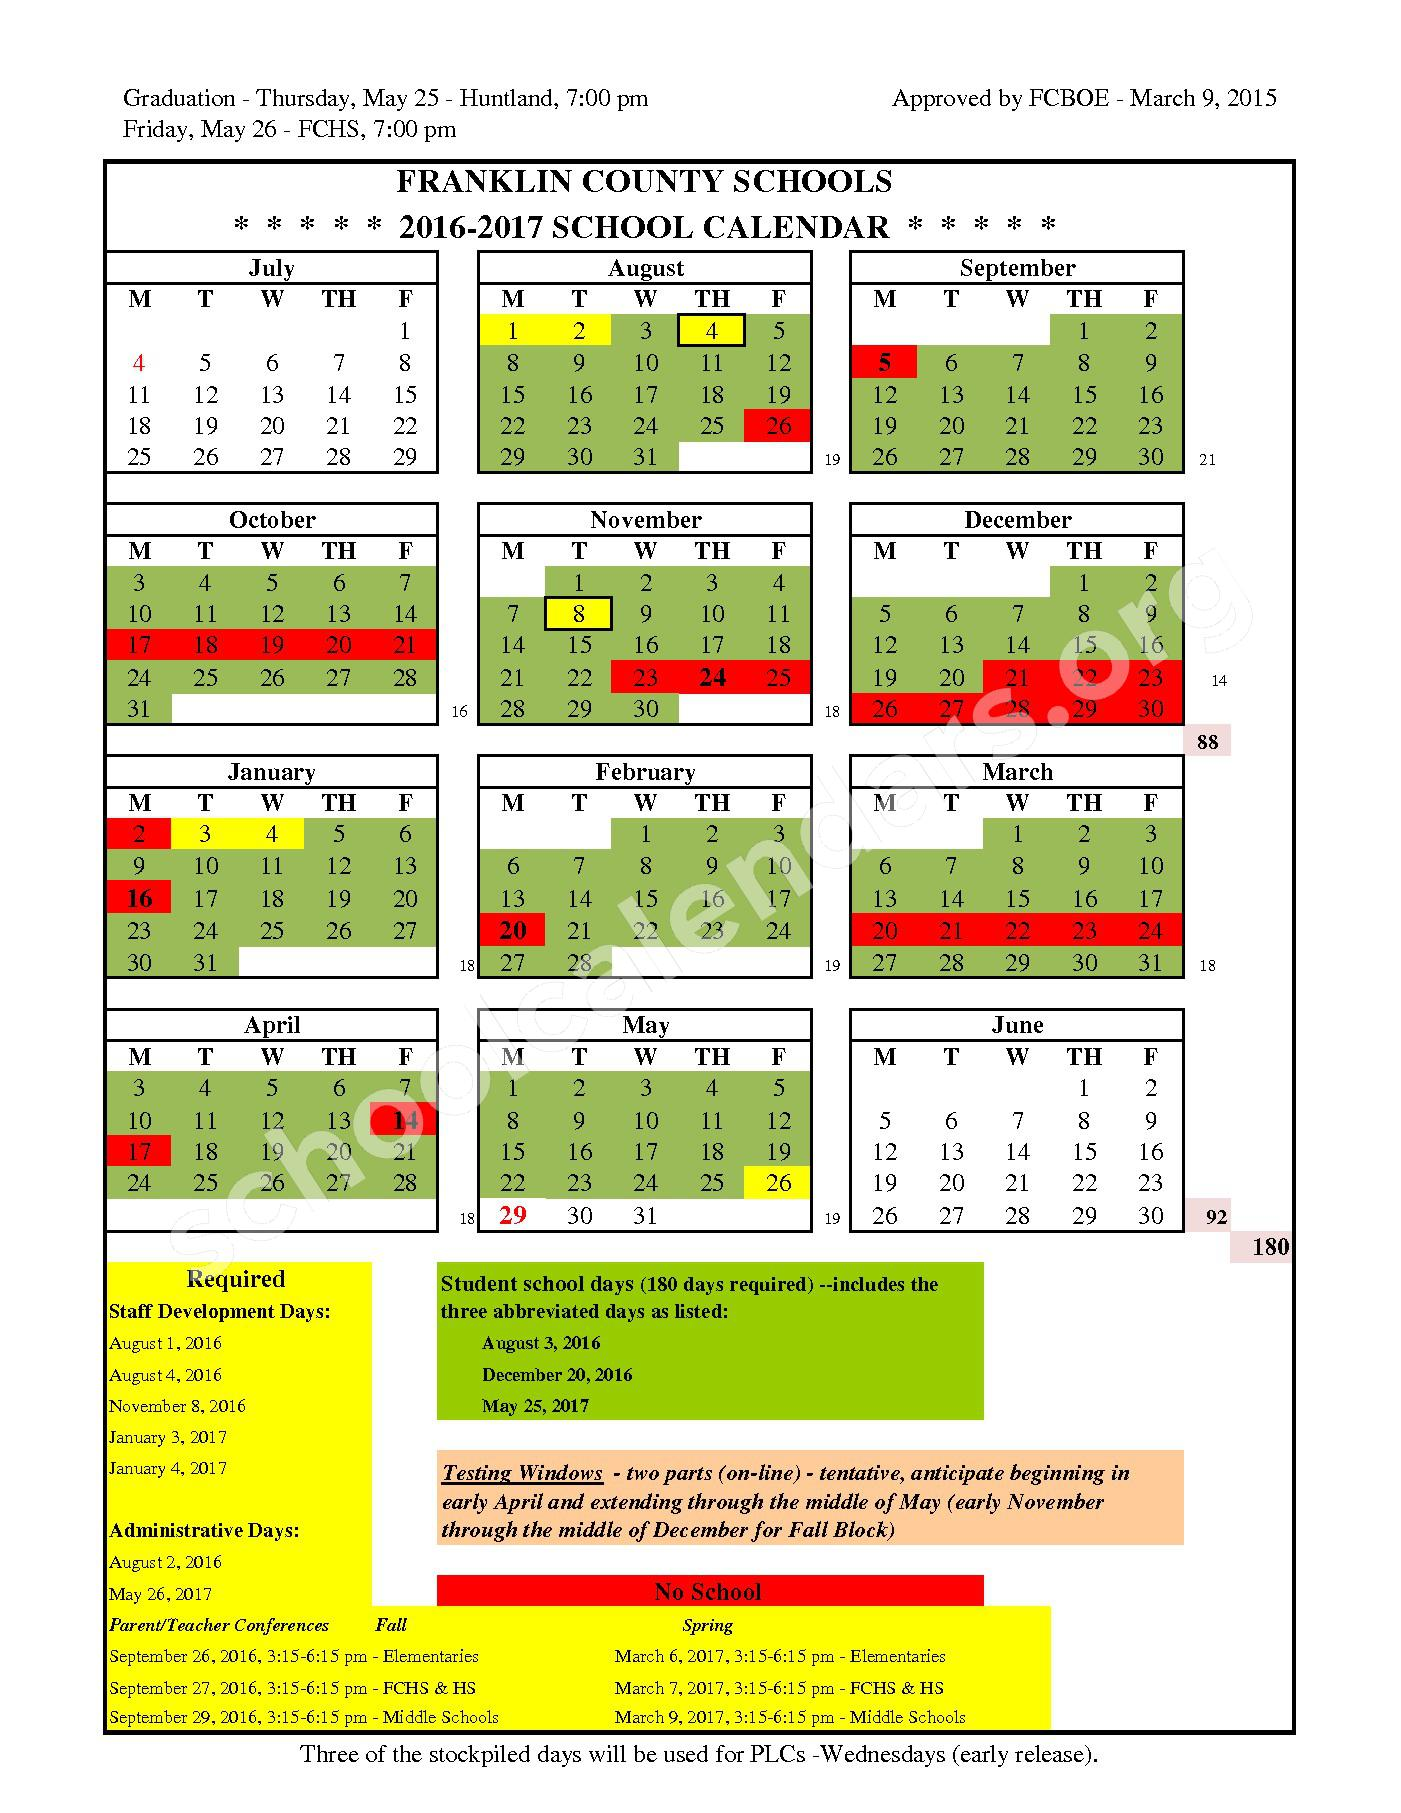 2016 - 2017 School Calendar – Franklin County Schools – page 1